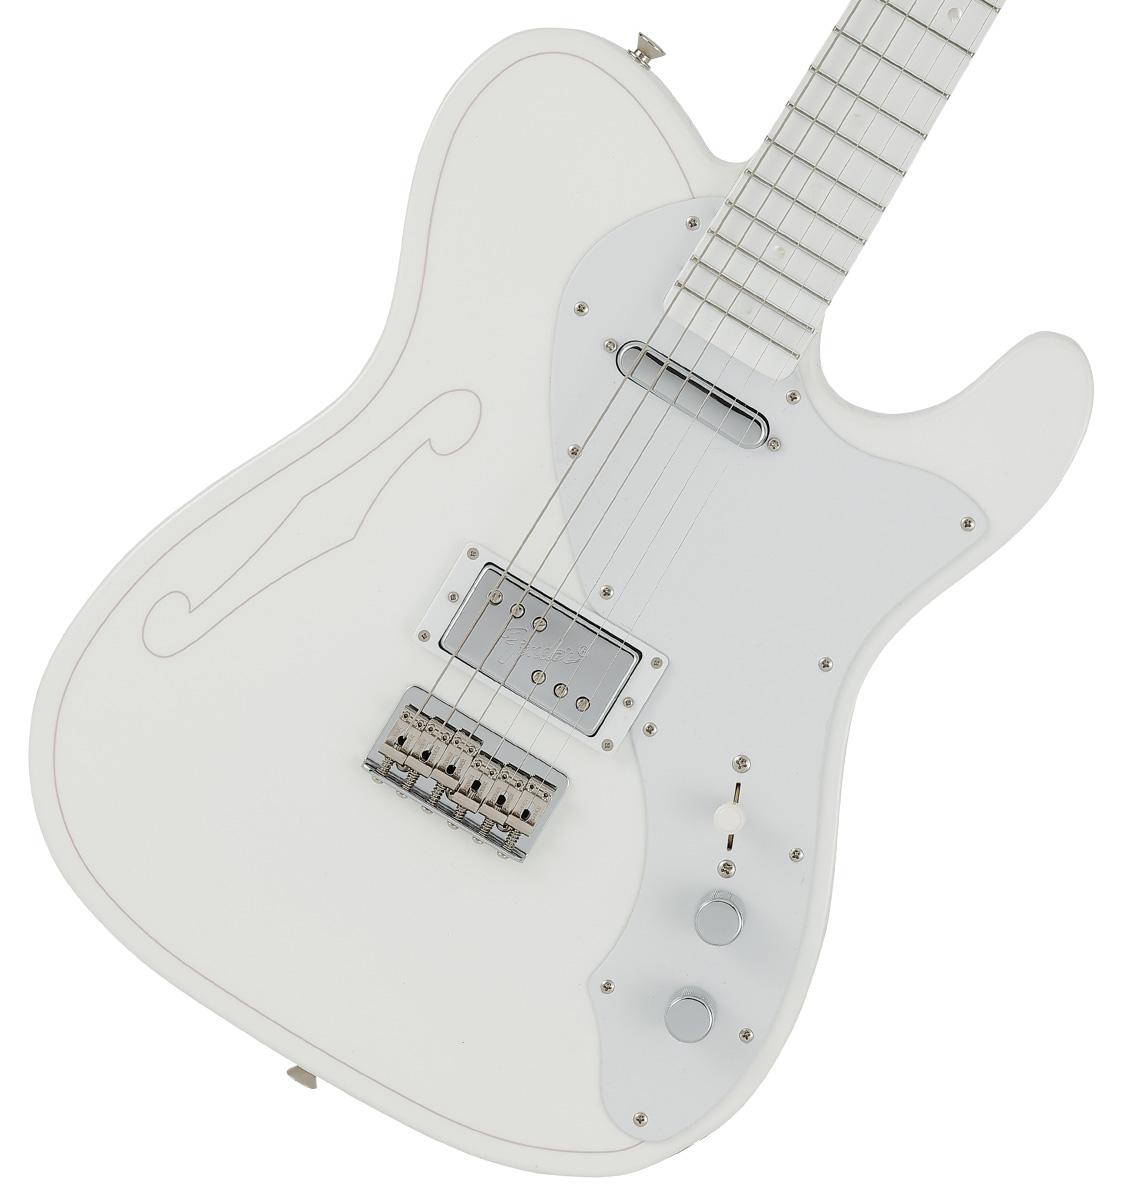 Fender / Made In Japan SILENT SIREN Telecaster Maple Fingerboard Arctic White【サイサイすぅモデル】《予約注文/12月以降発売予定》